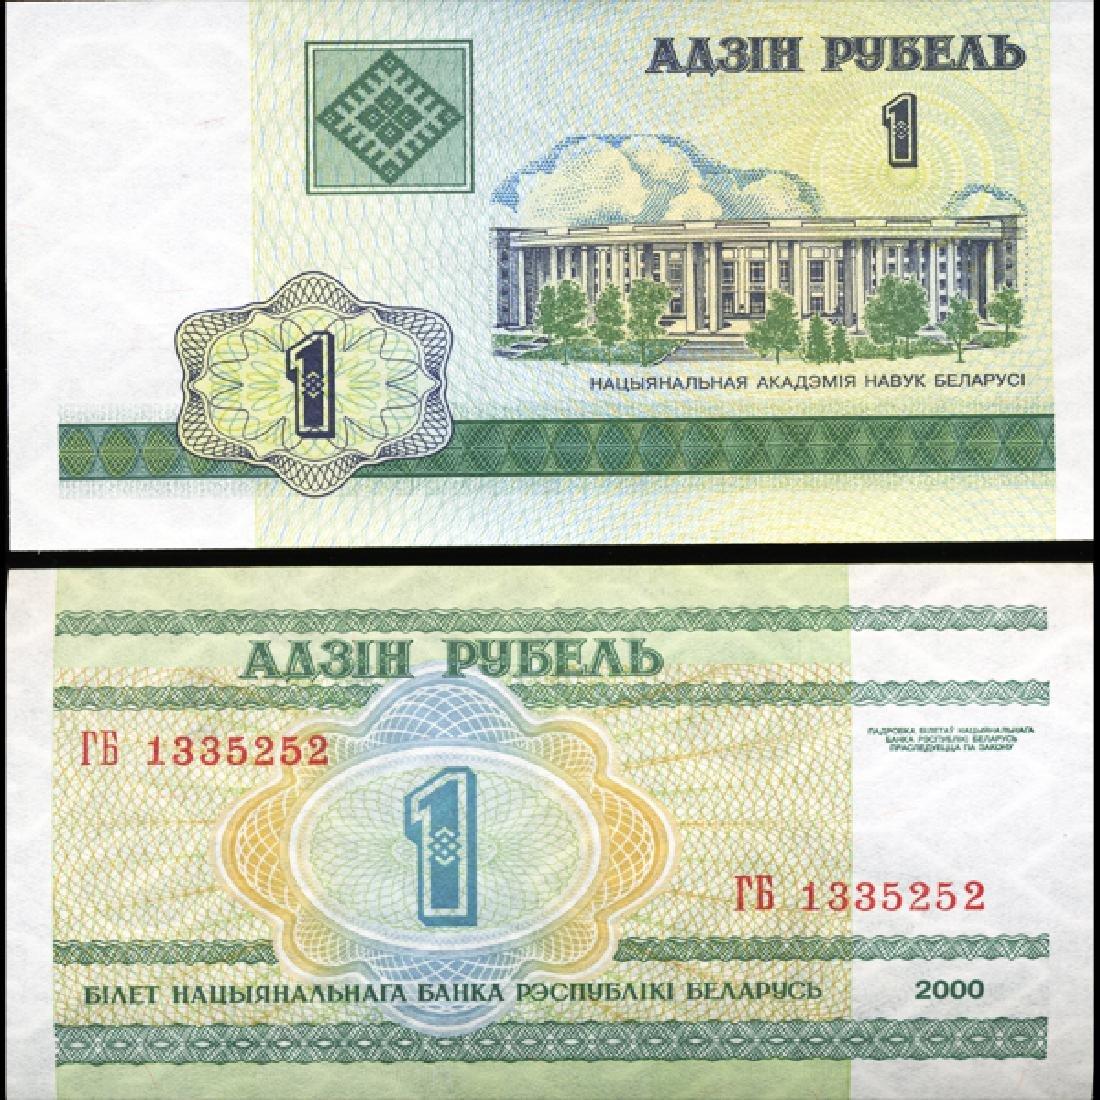 2000 Belarus 1 Rubeli Note GEM Crisp Unc